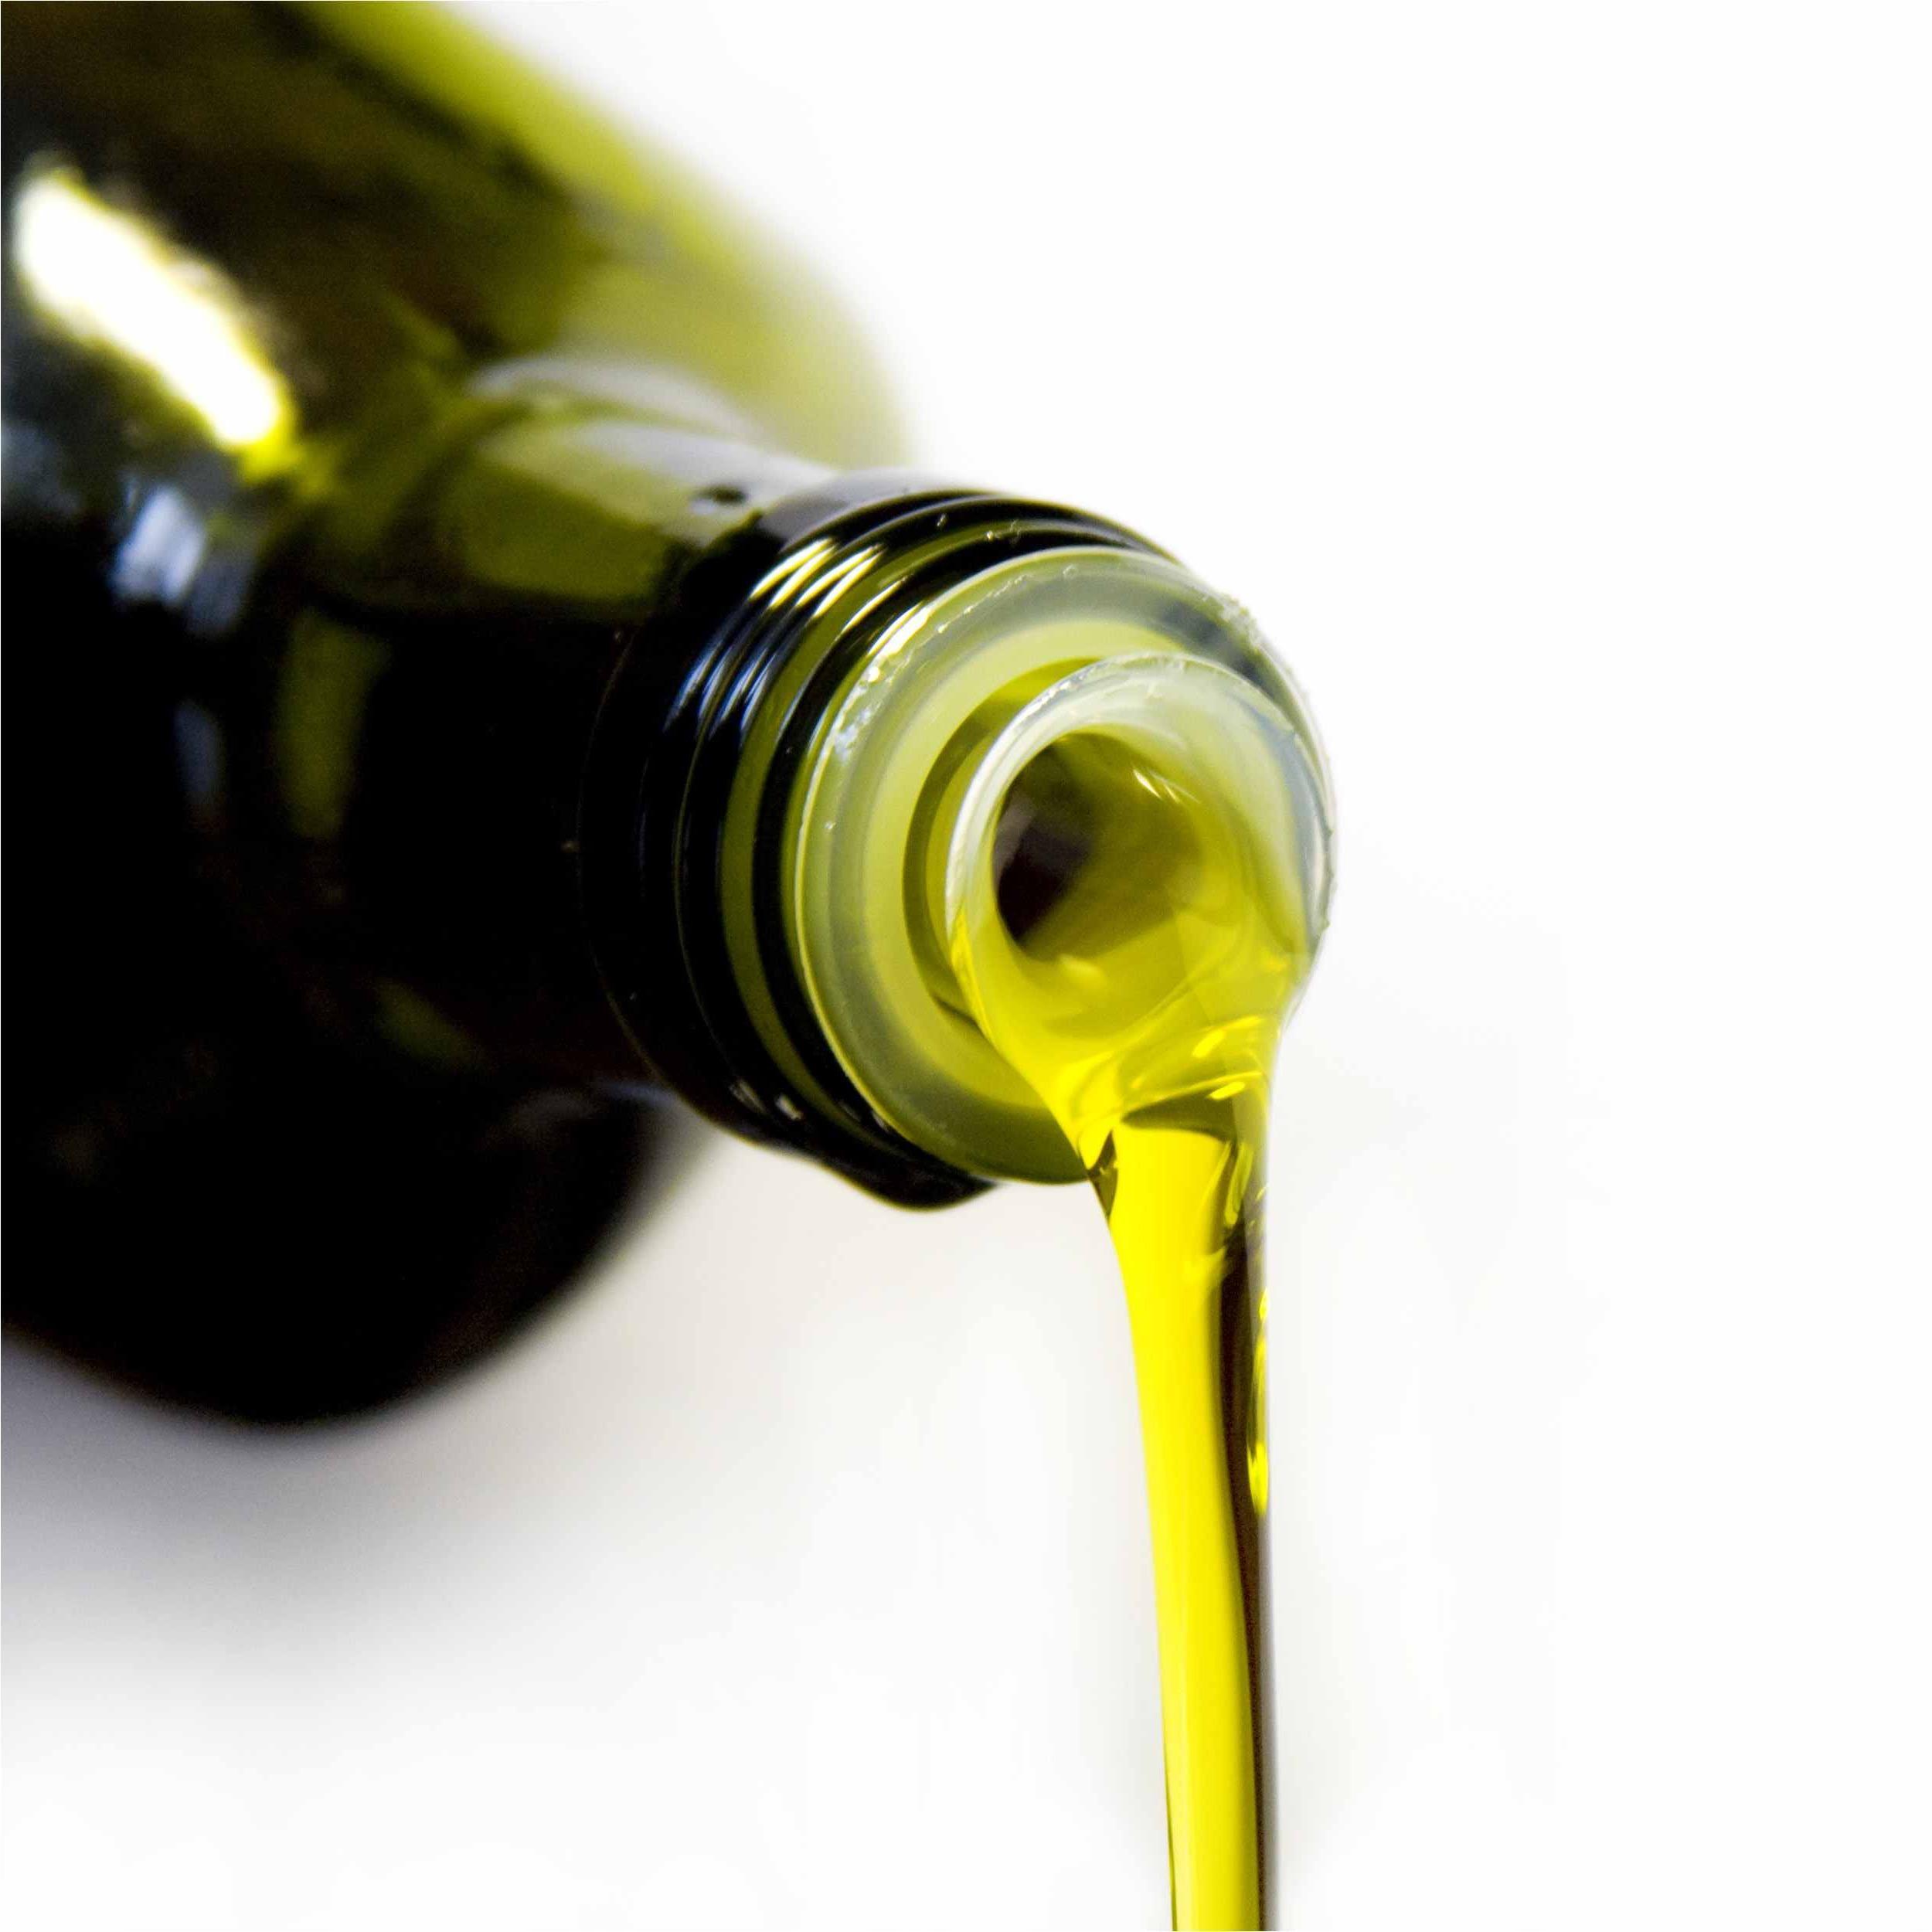 Azeite de Oliva Bom Para a Saúde